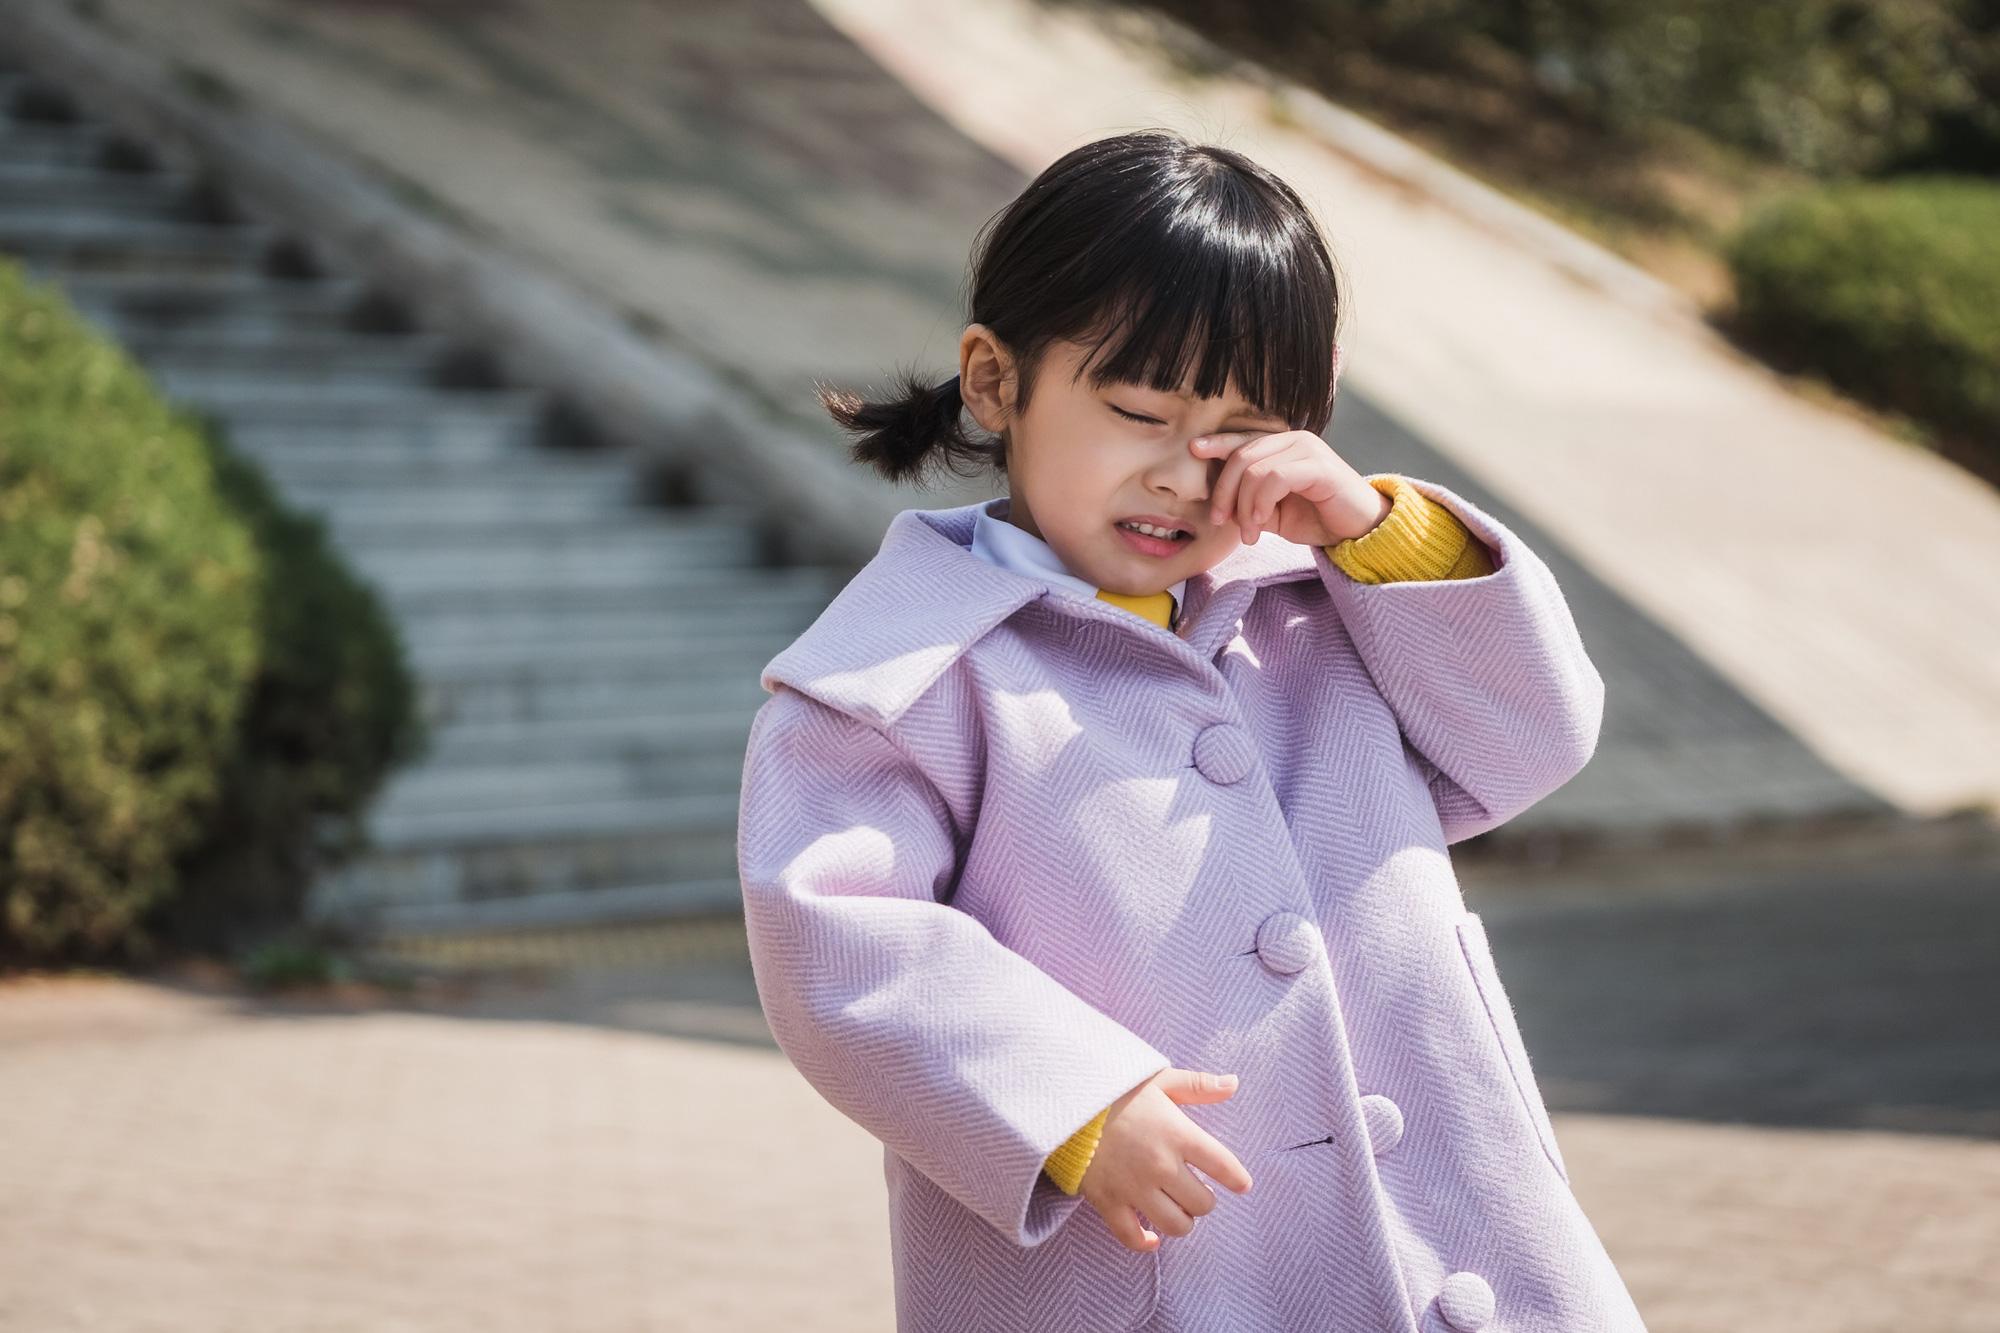 Màn giả gái đỉnh nhất phim Hàn thuộc về sao nhí 5 tuổi: Bản sao của đại mỹ nhân, hết phim vẫn không ai biết giới tính thật - Ảnh 1.